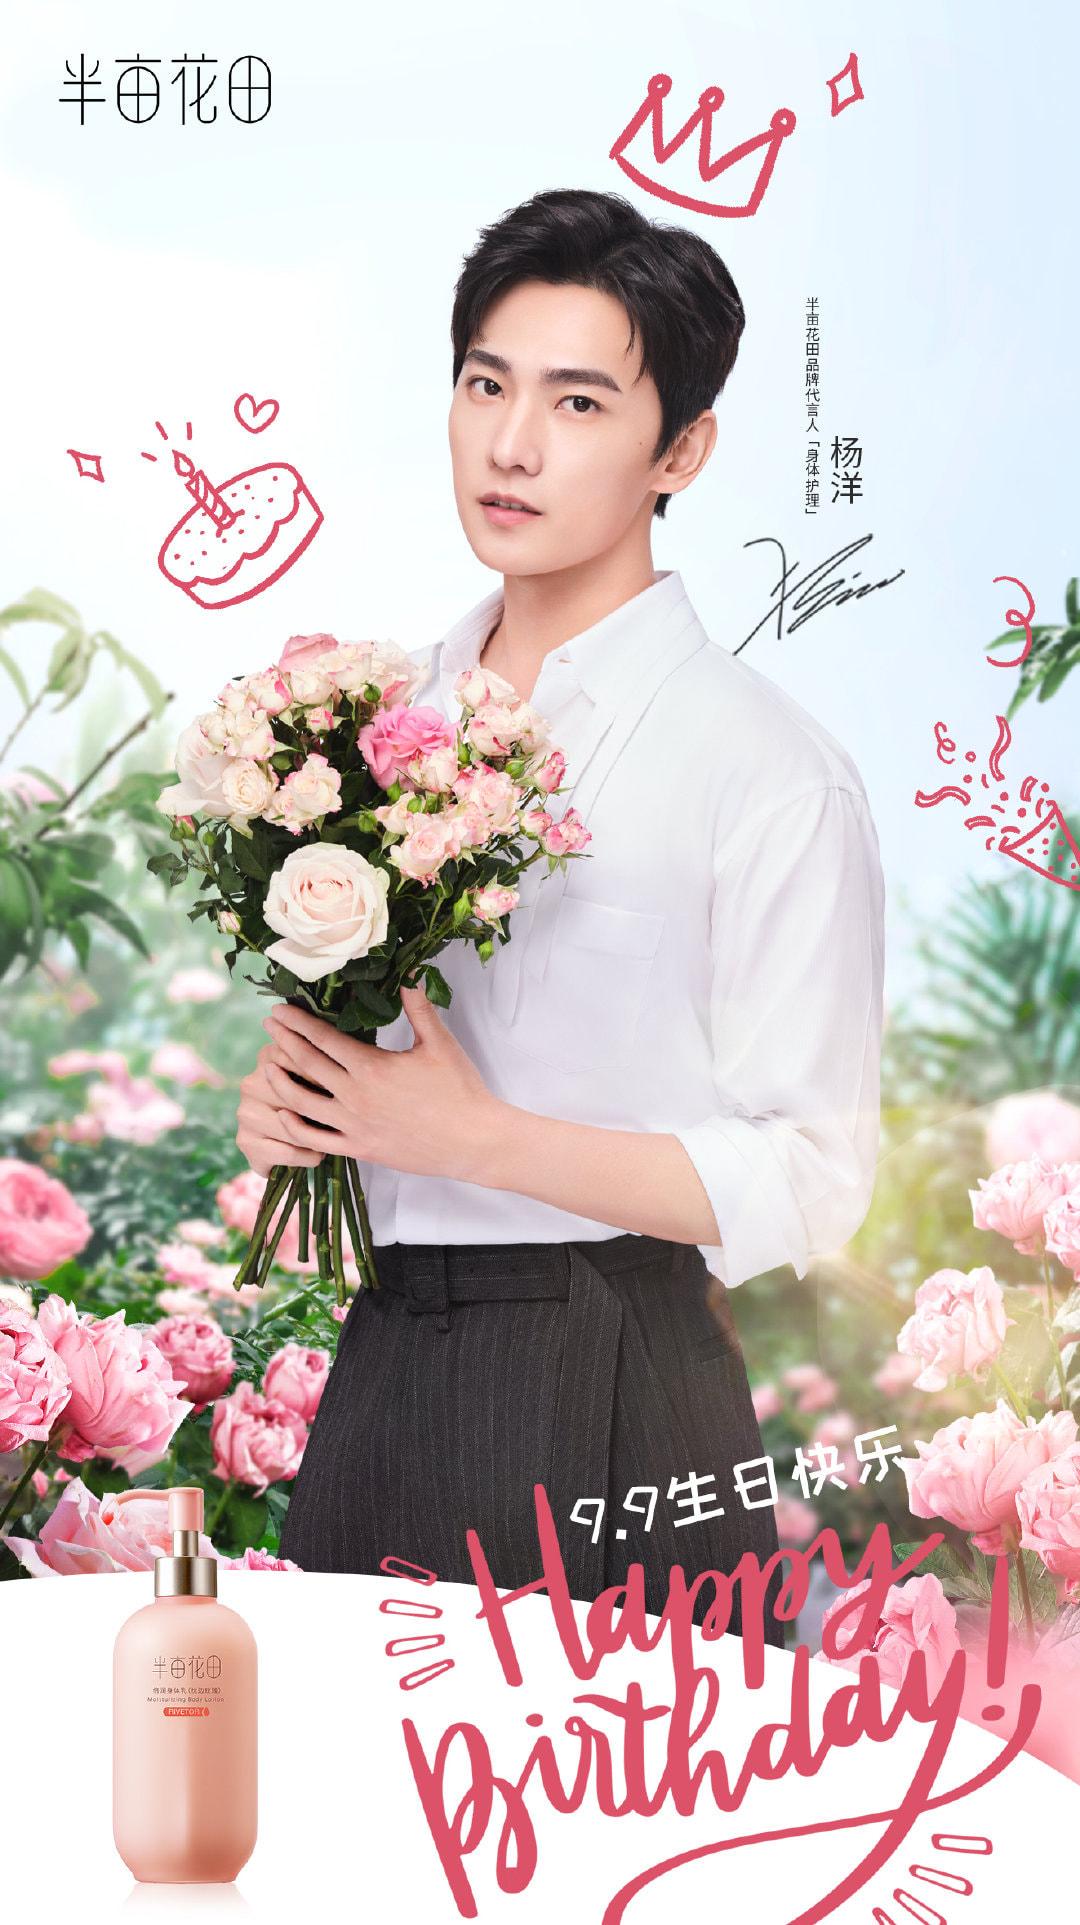 12 trai đẹp Cbiz cầm hoa tỏ tình, chàng trai nào khiến bạn gật đầu nguyện ý? 4